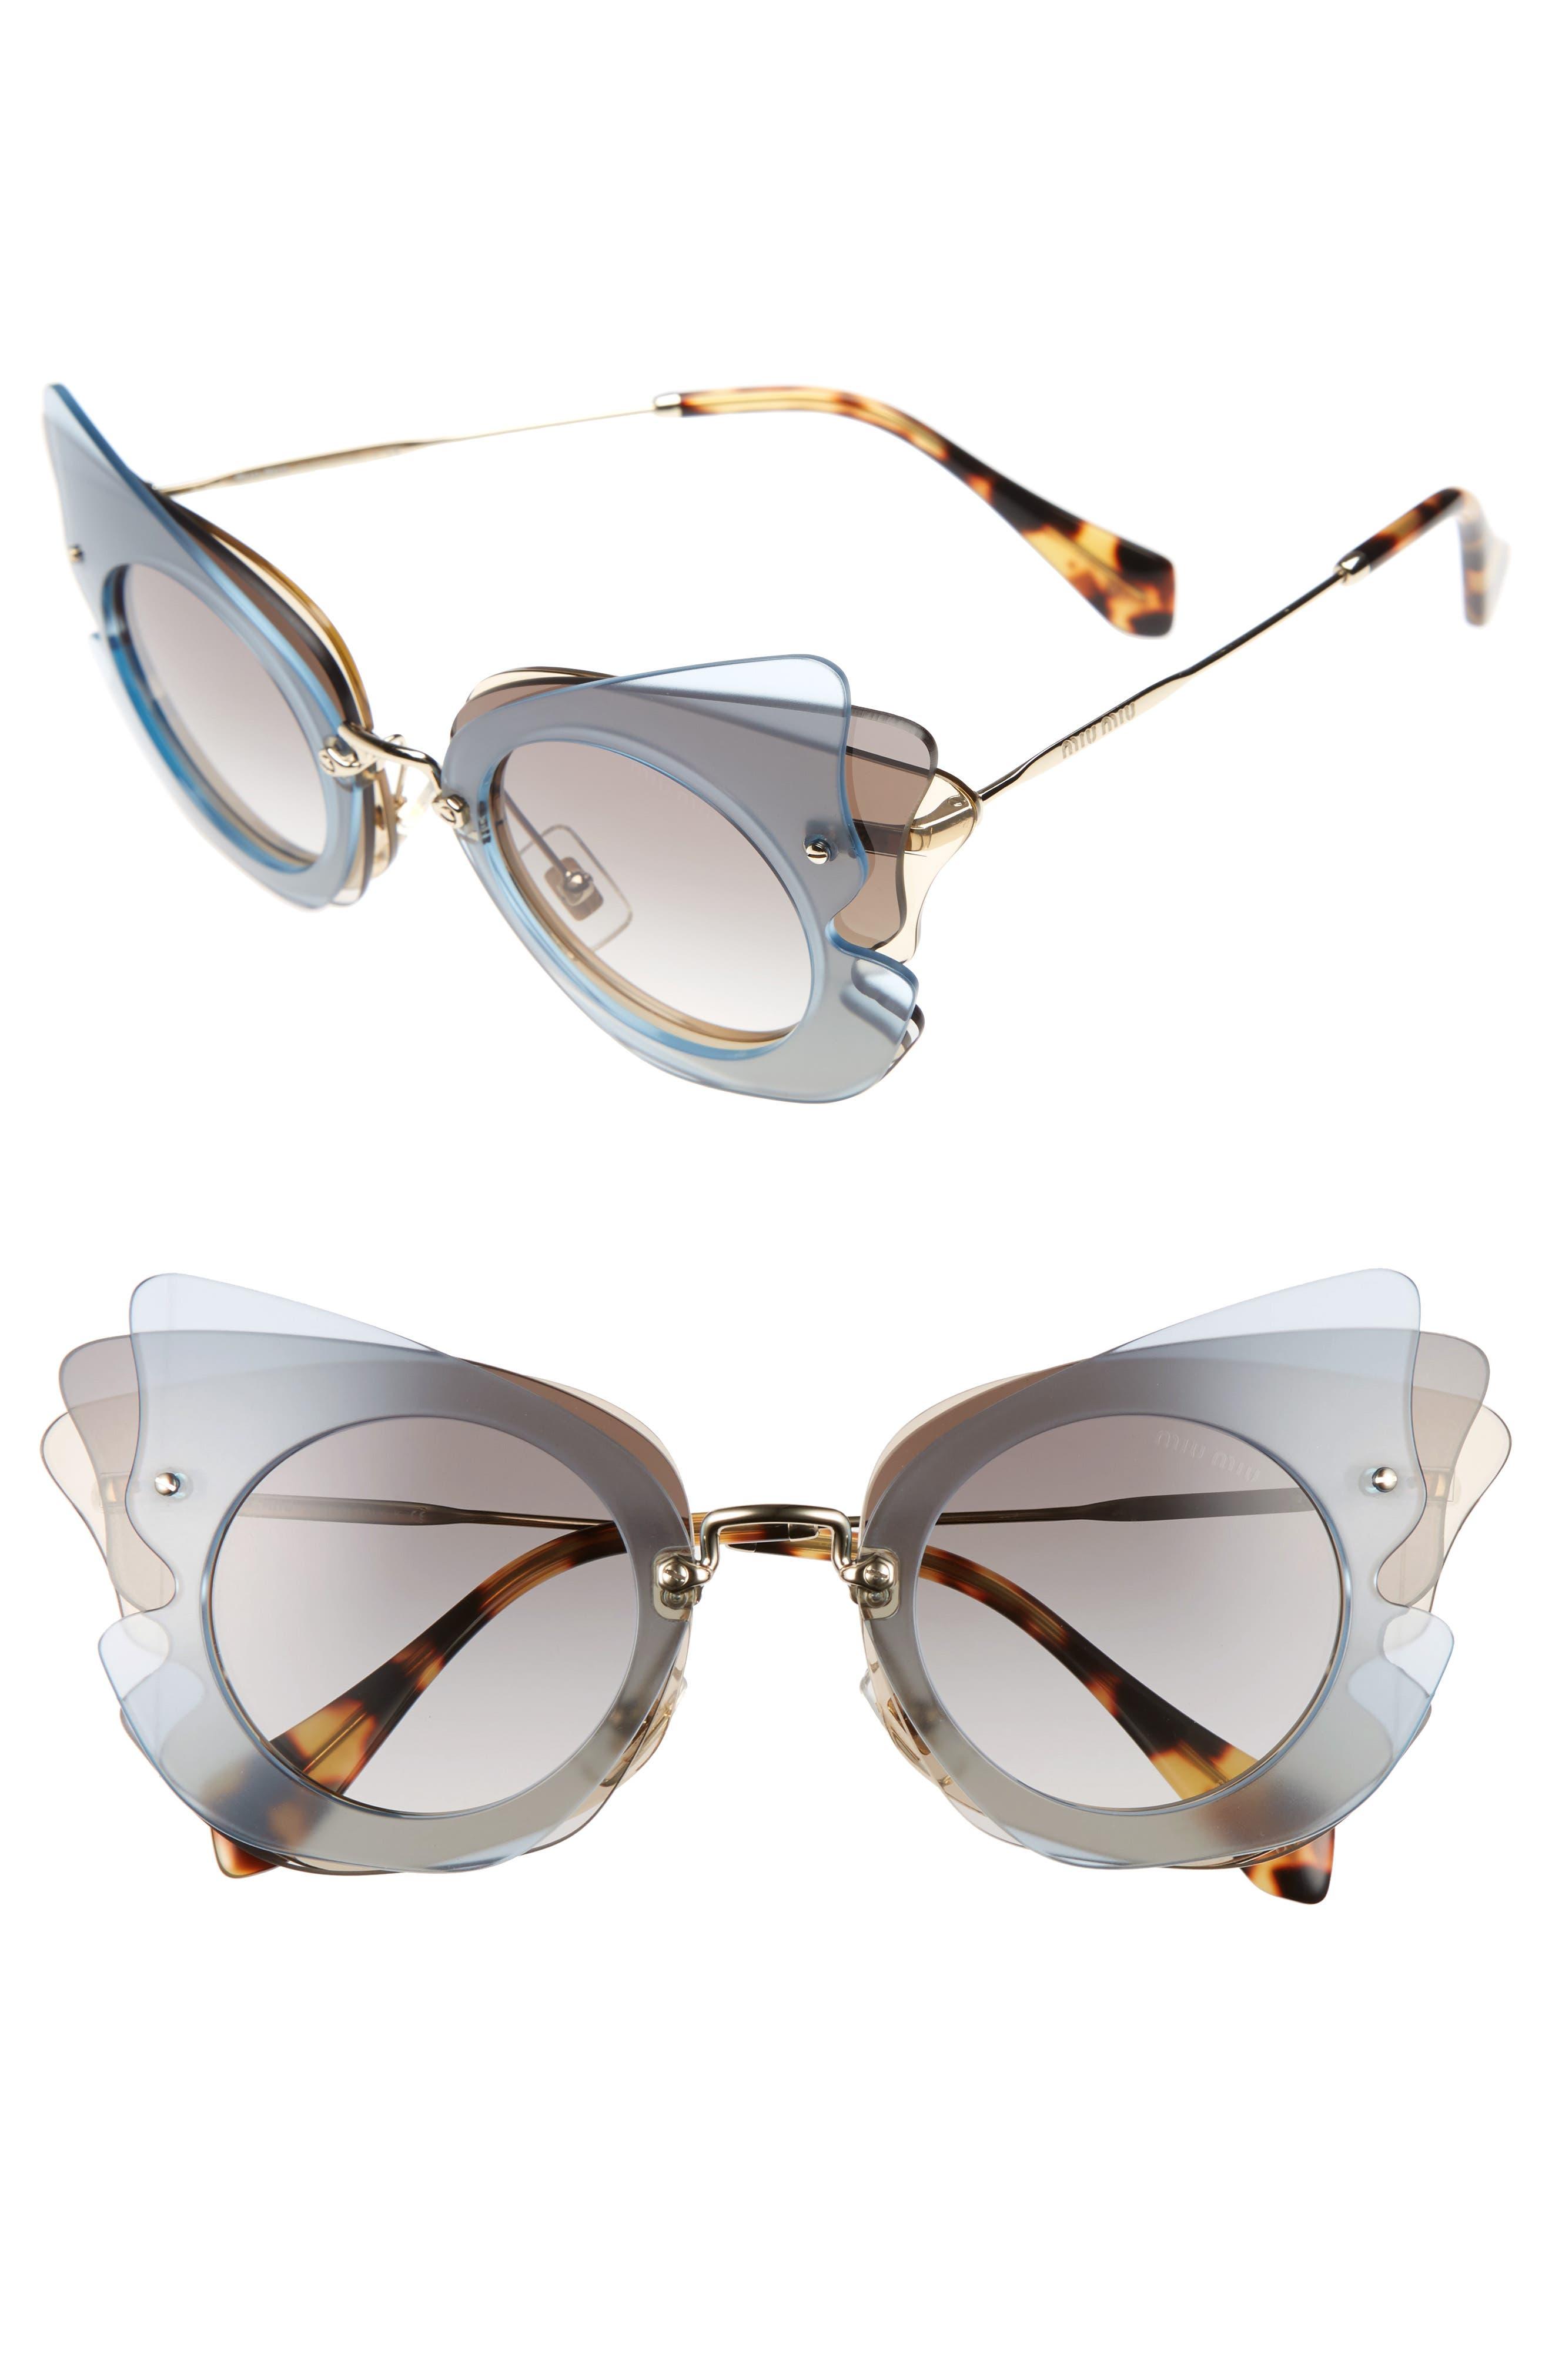 Miu Miu 63mm Butterfly Sunglasses